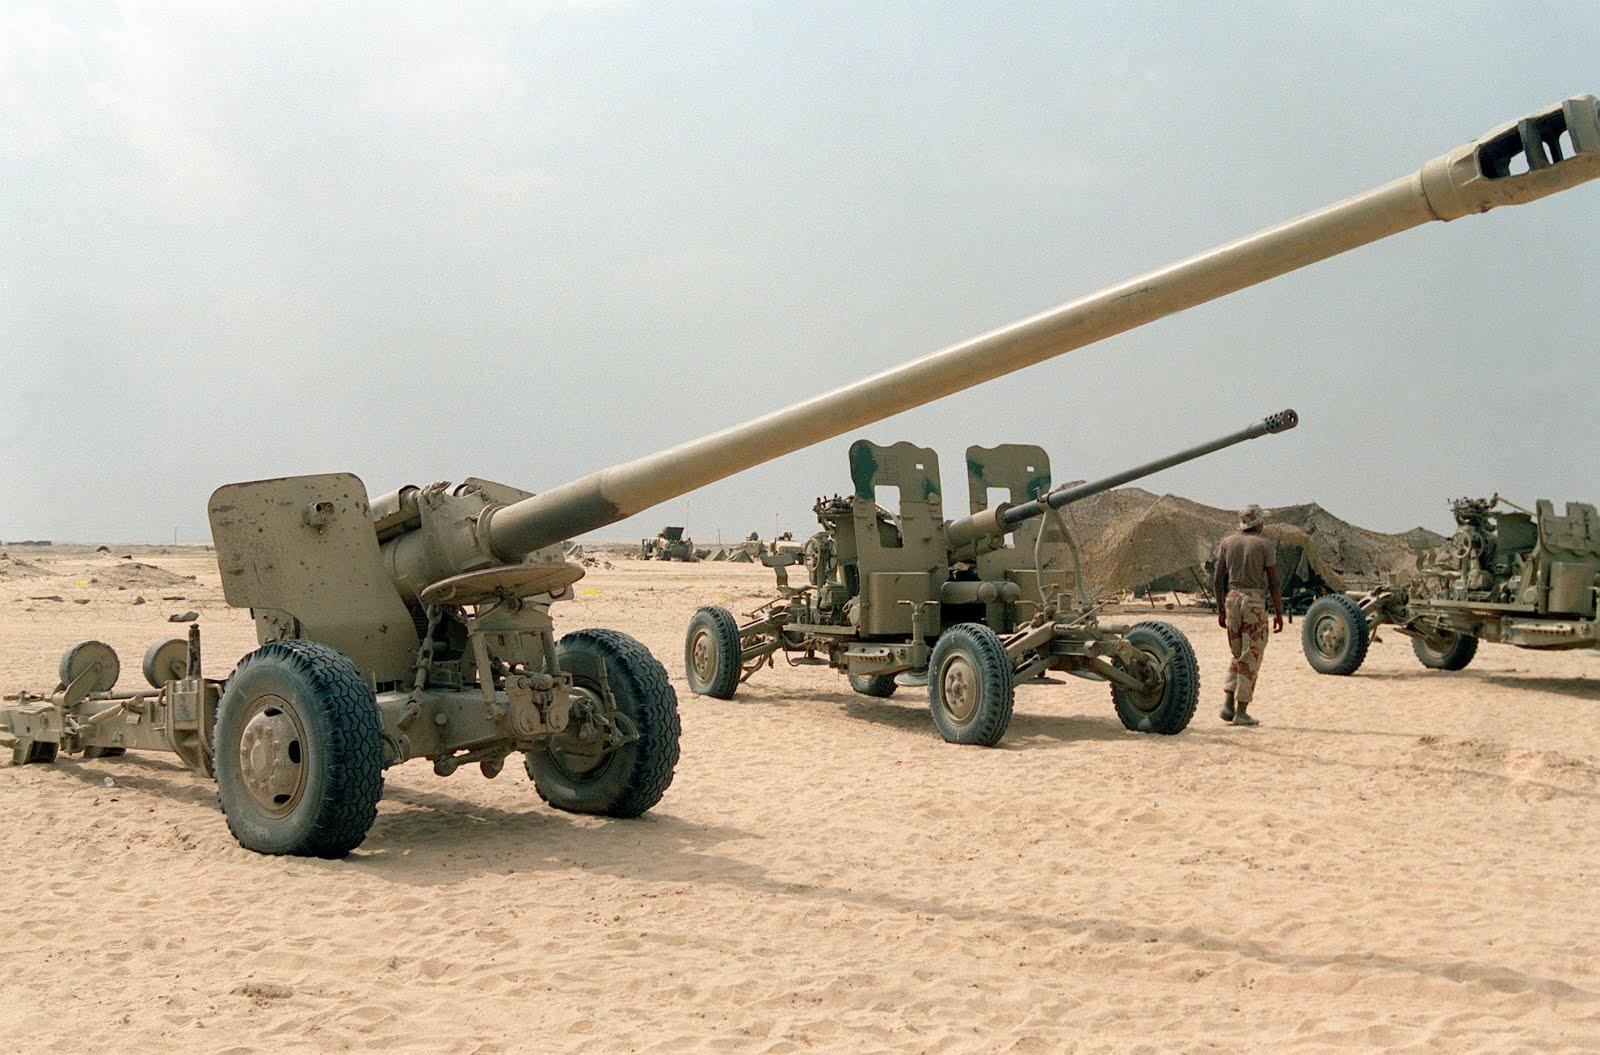 صنع في مصر - صفحة 3 Iraqi_Type_59_130_mm_field_gun